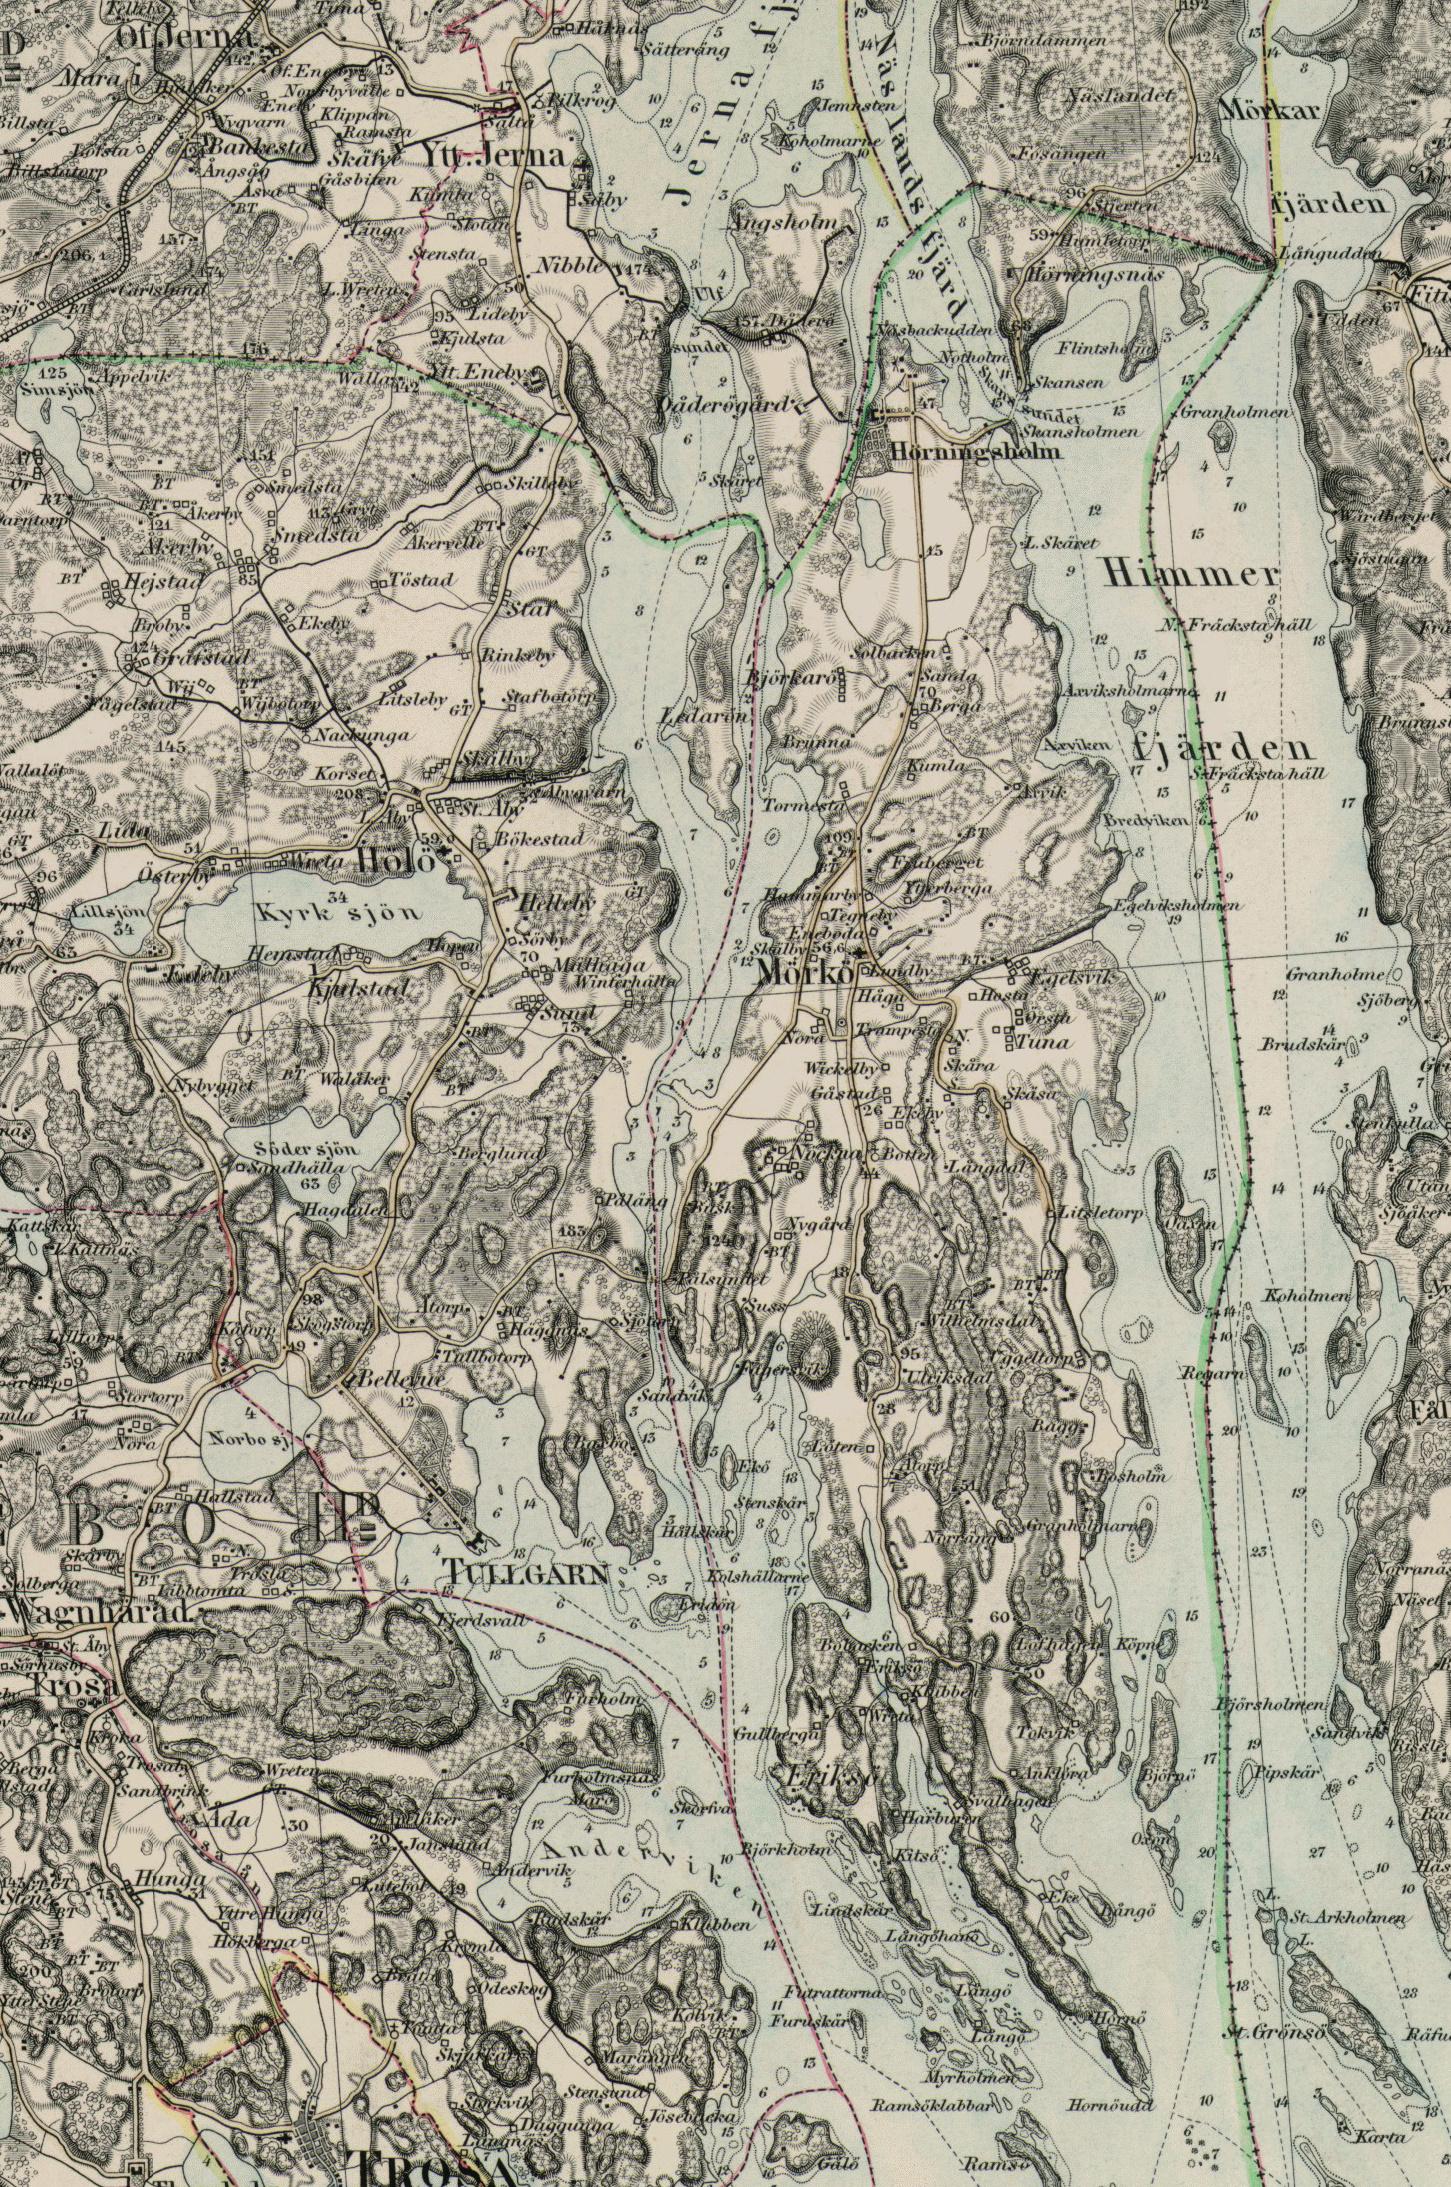 mörkö karta Kartor | Hölö Mörkö Hembygdsförening mörkö karta